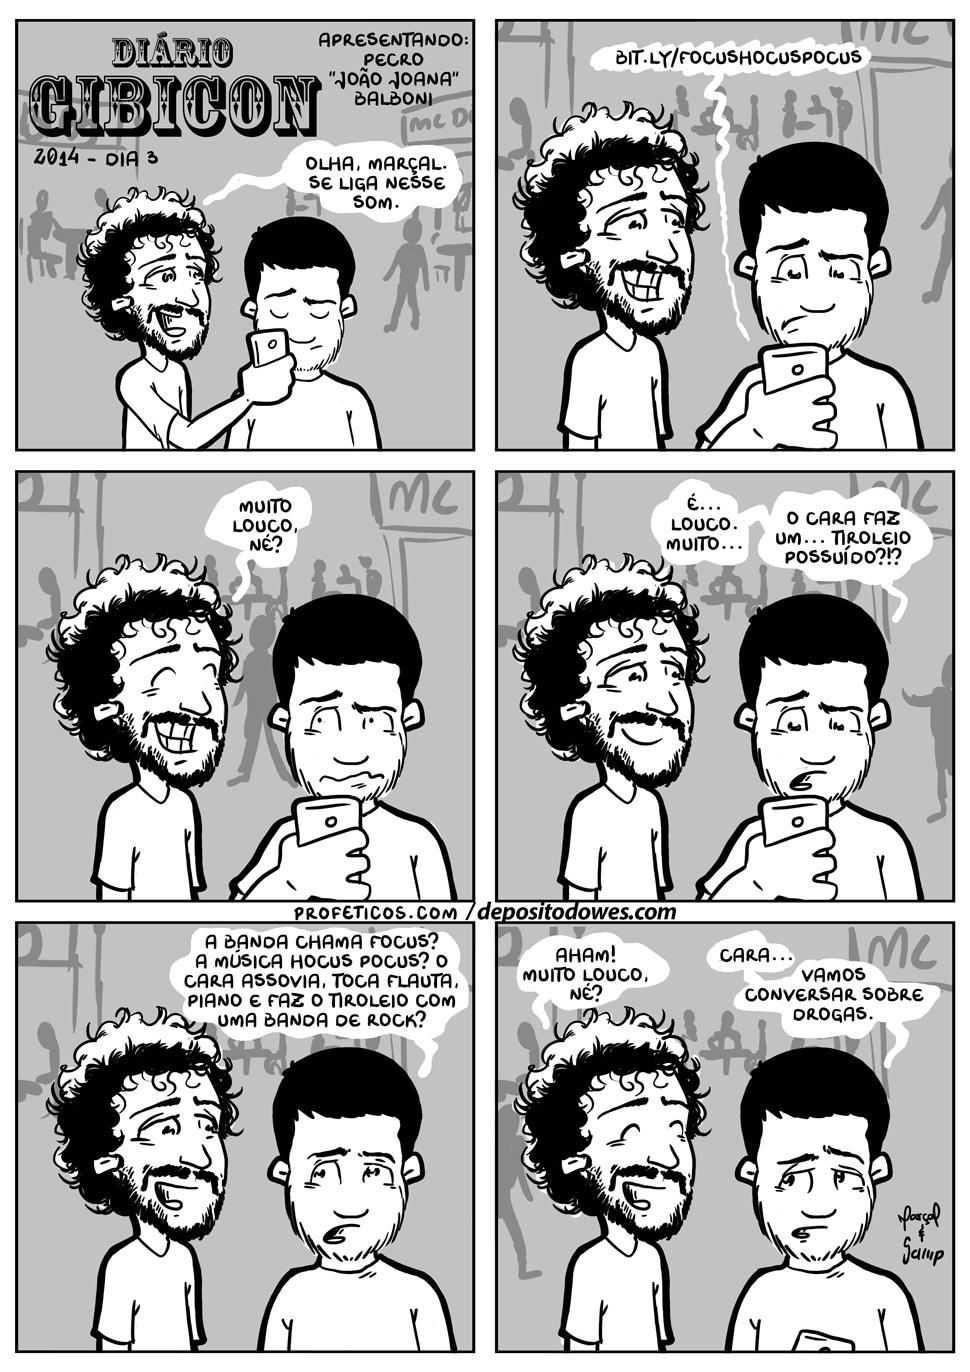 diario_gibicon_010